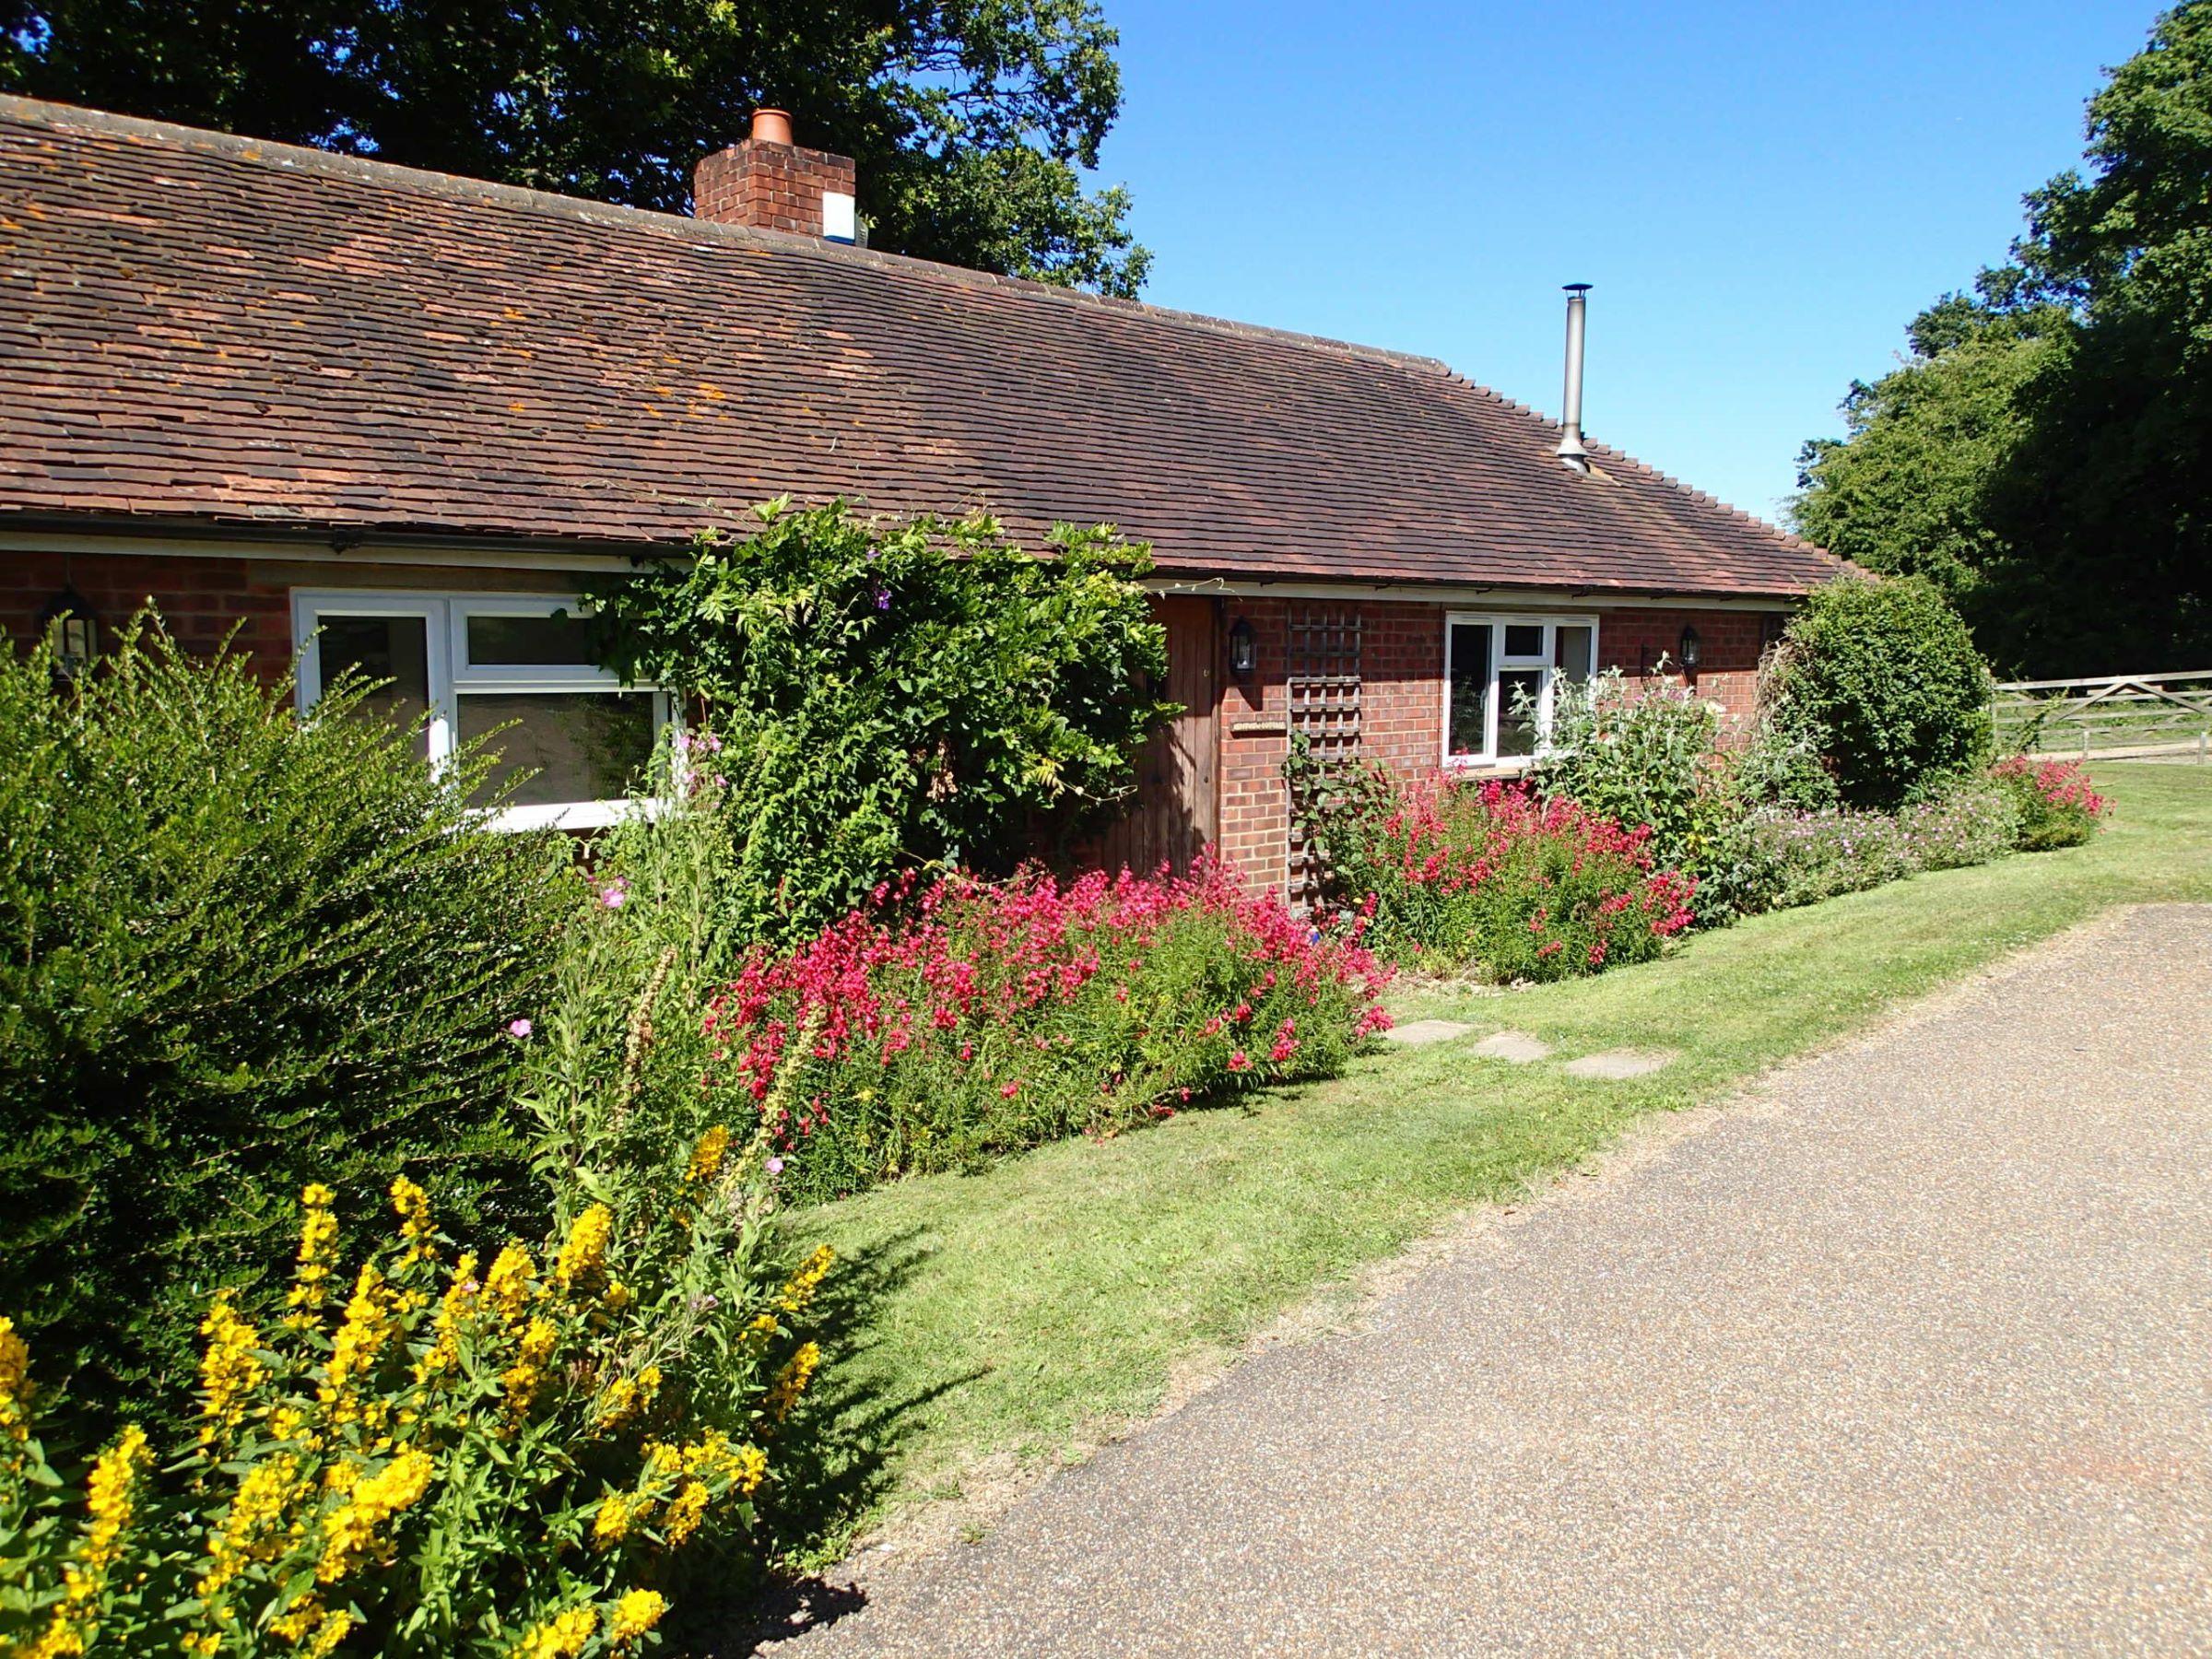 Kentview Cottage, Hartfield Road, Cowden, Edenbridge